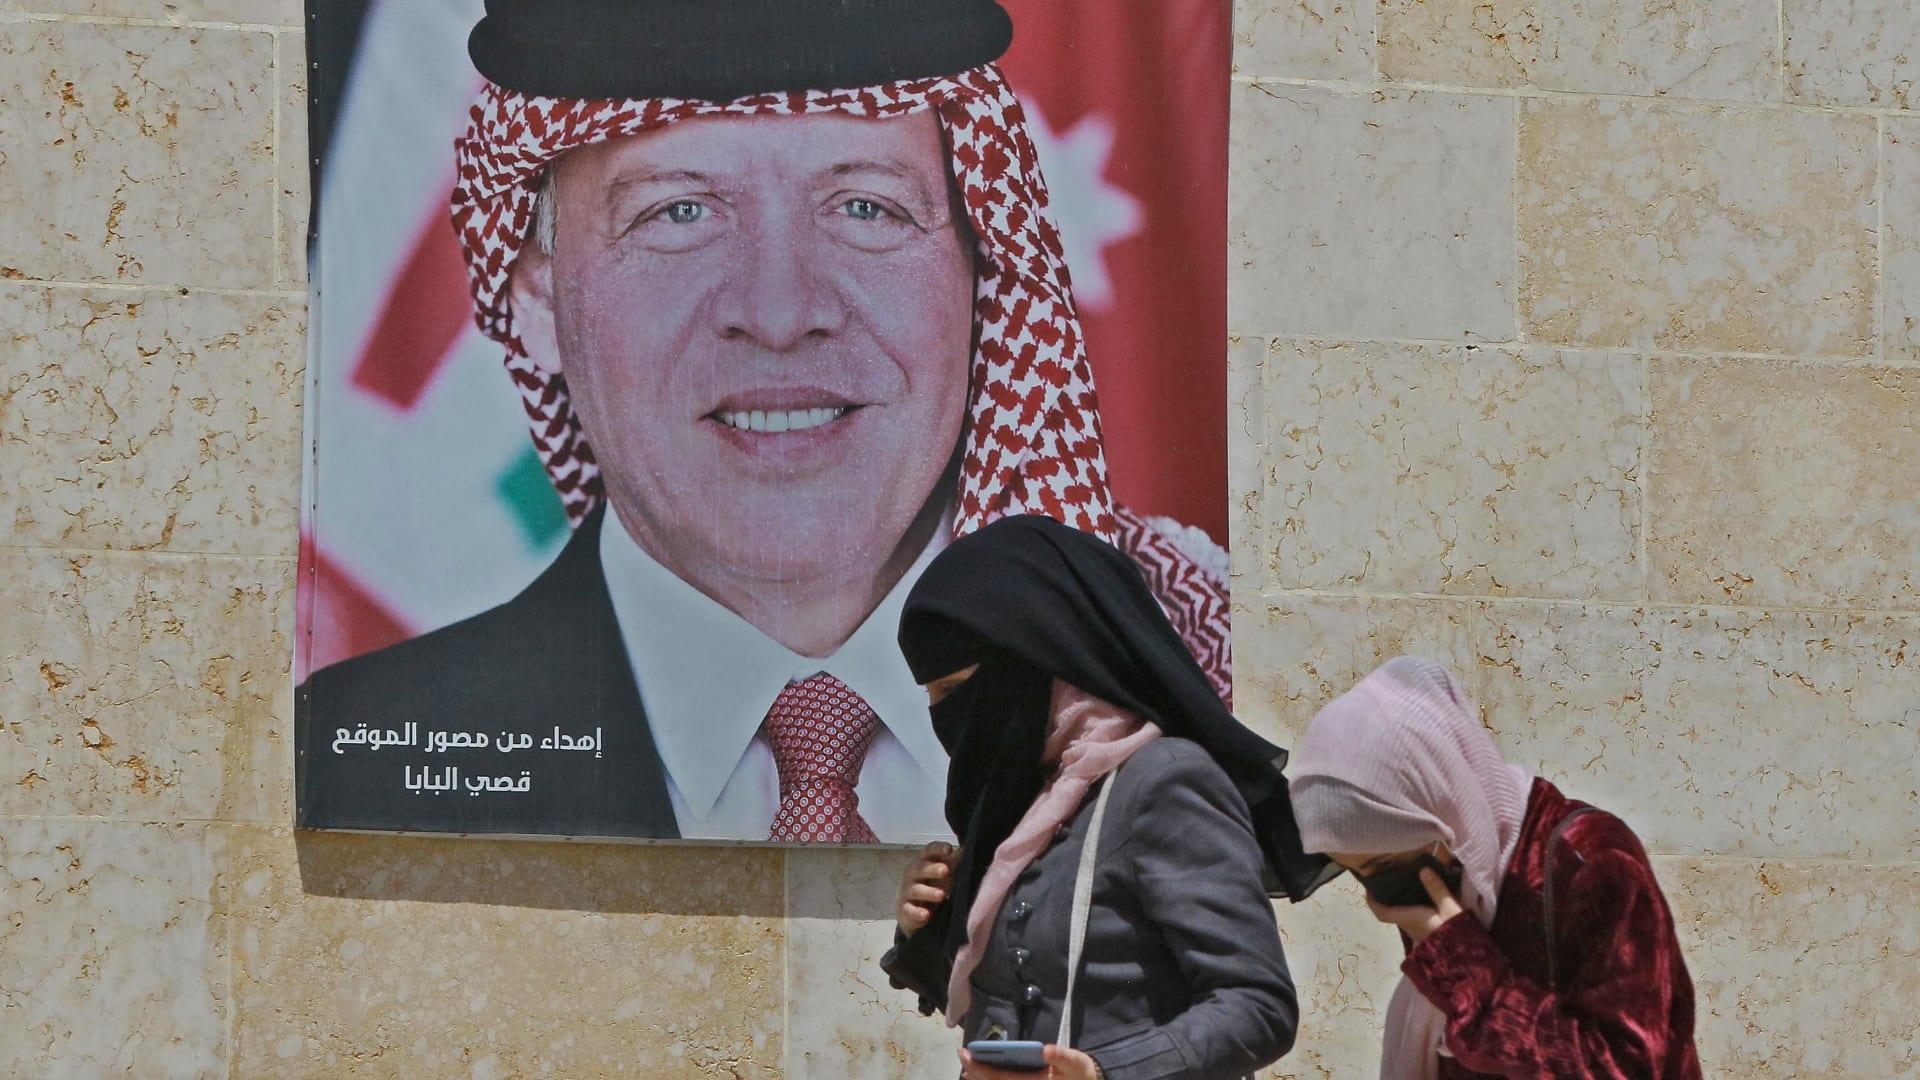 شاهد.. أول ظهور لملك الأردن مع الأمير حمزة بعد الأحداث الأخيرة